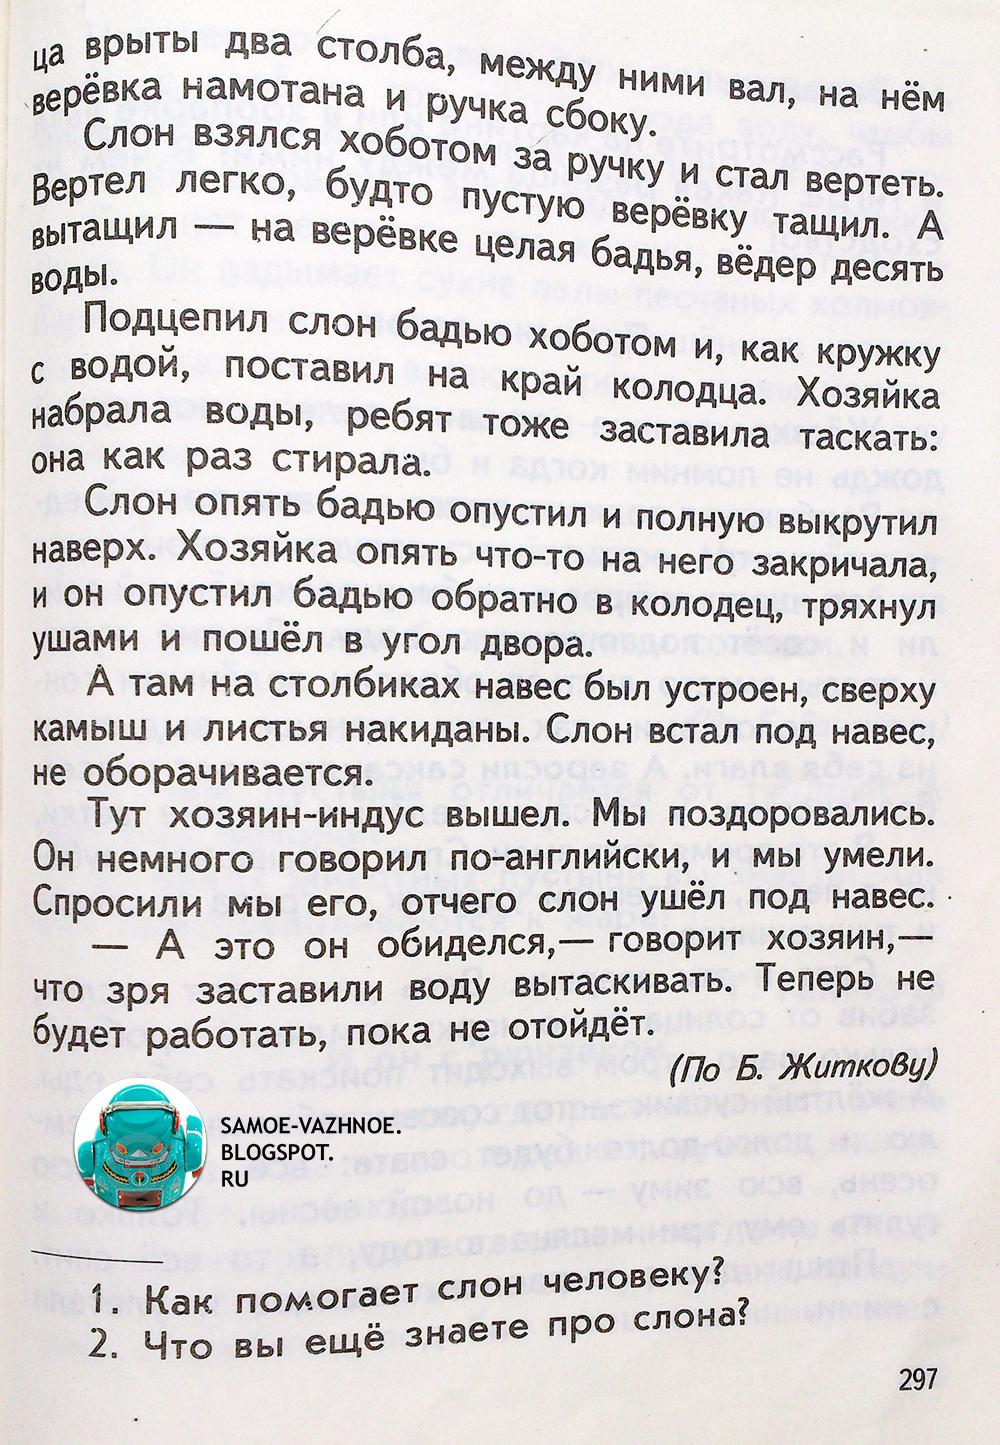 Советские школьные учебники для первоклашек СССР, советский учебник 1 класс, учебник СССР 2 класс, школьный учебник 3 класс девяностые 1990